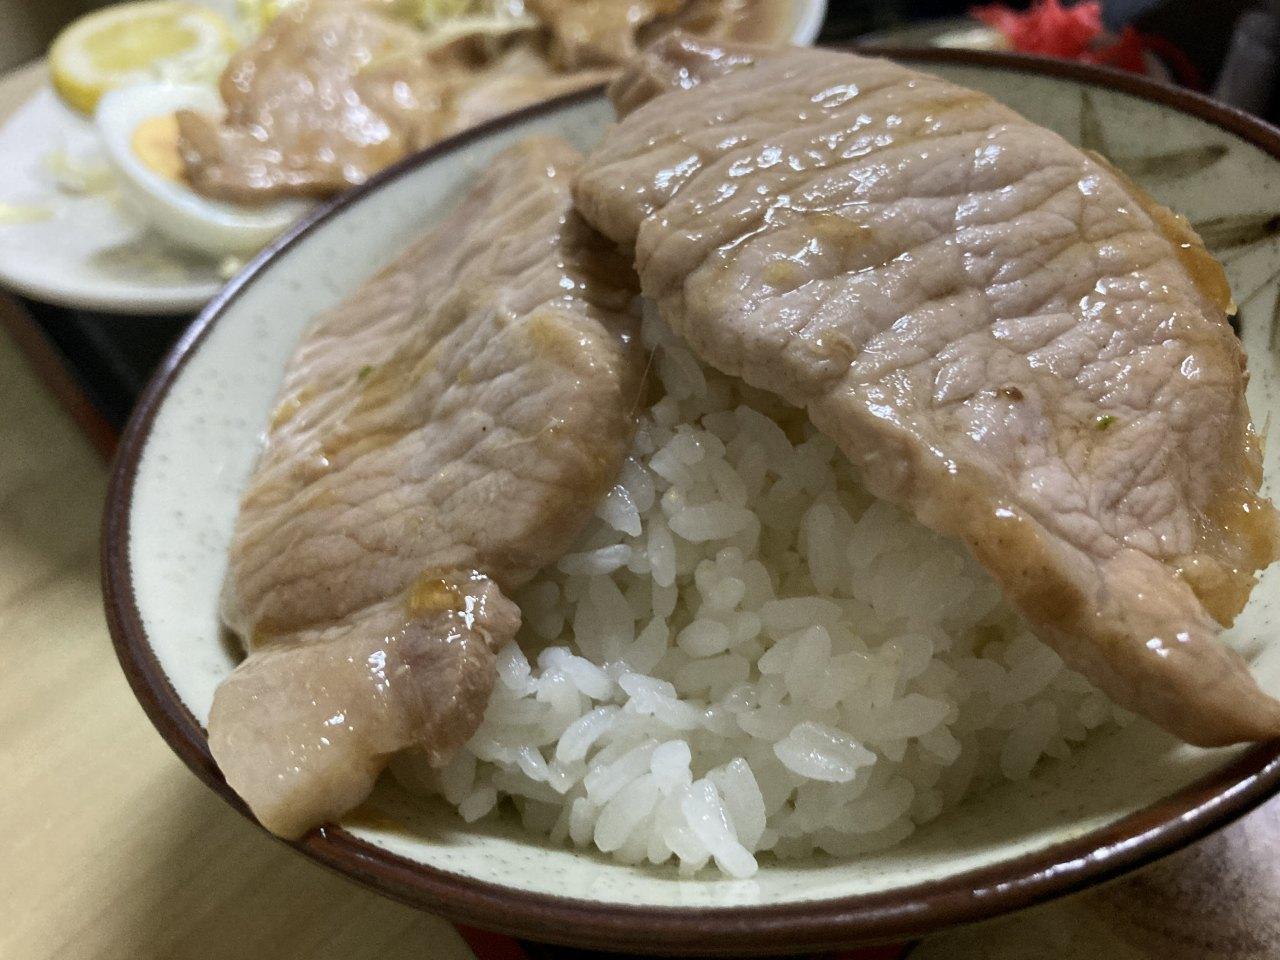 本邦 初公開 焼肉ライス @原泉  クマちゃんは健在! ちゃんとやりますから。_a0114853_18590256.jpg